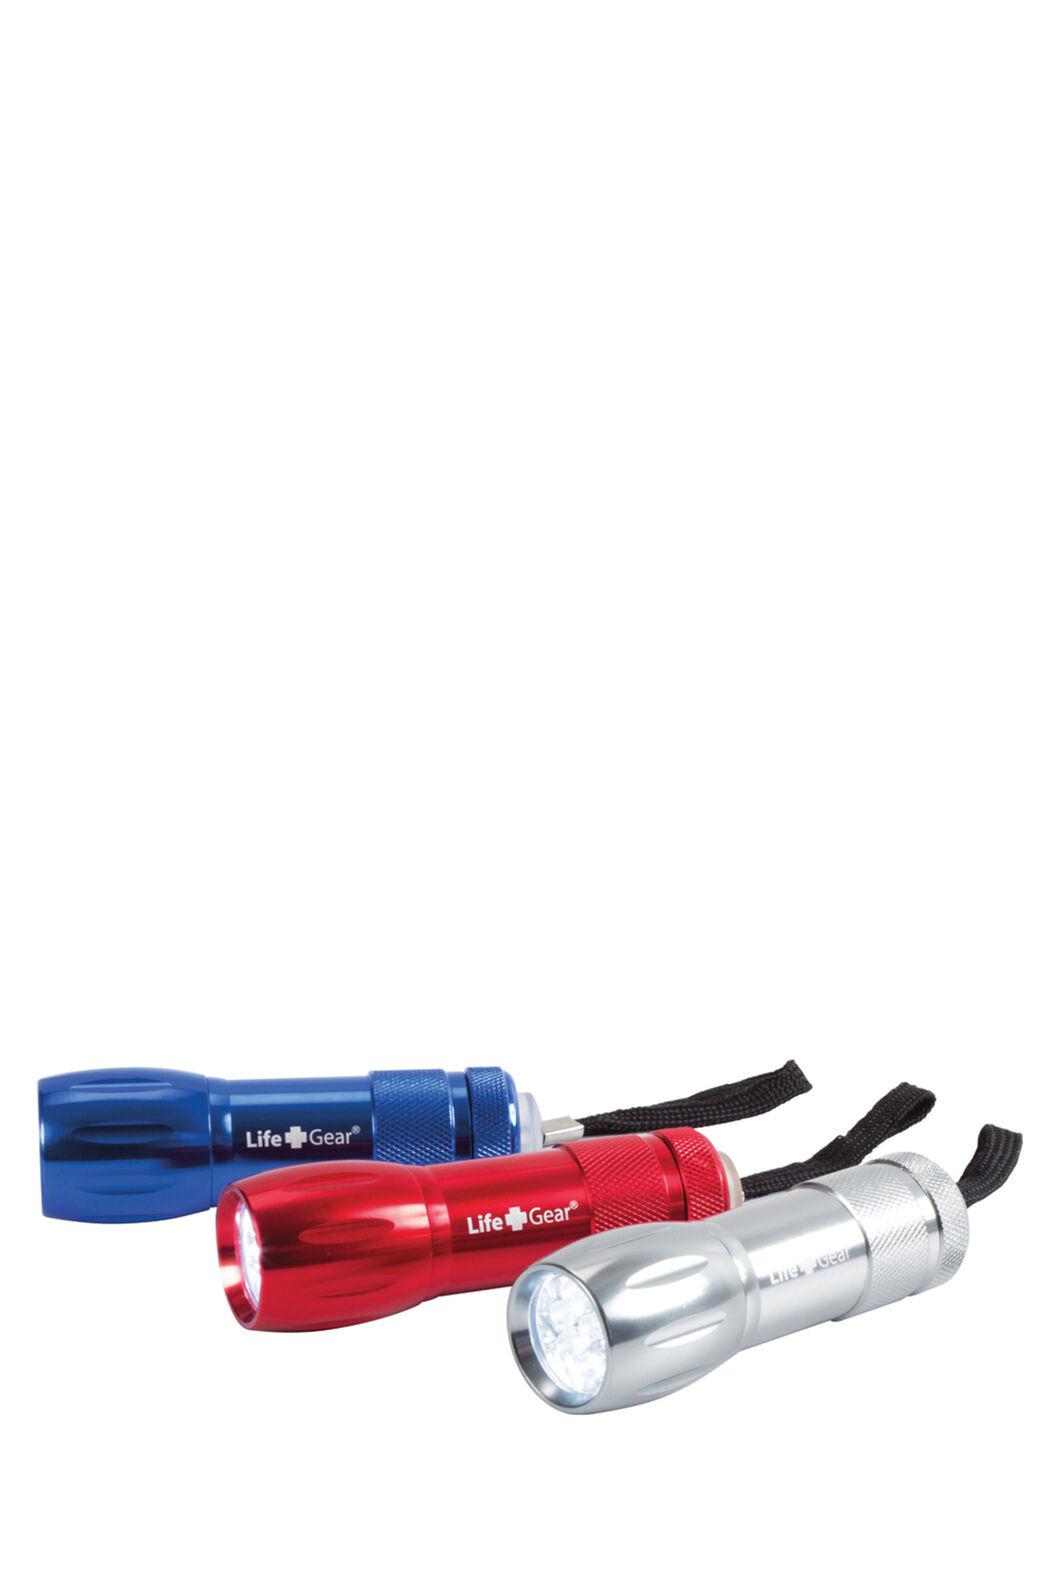 Life Gear 9 LED Aluminium Torch, None, hi-res